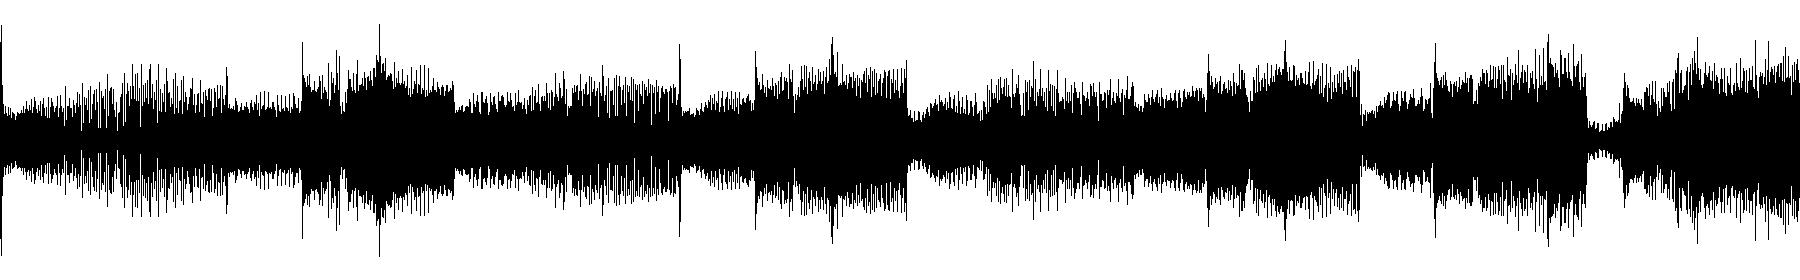 turkish synthloop 123